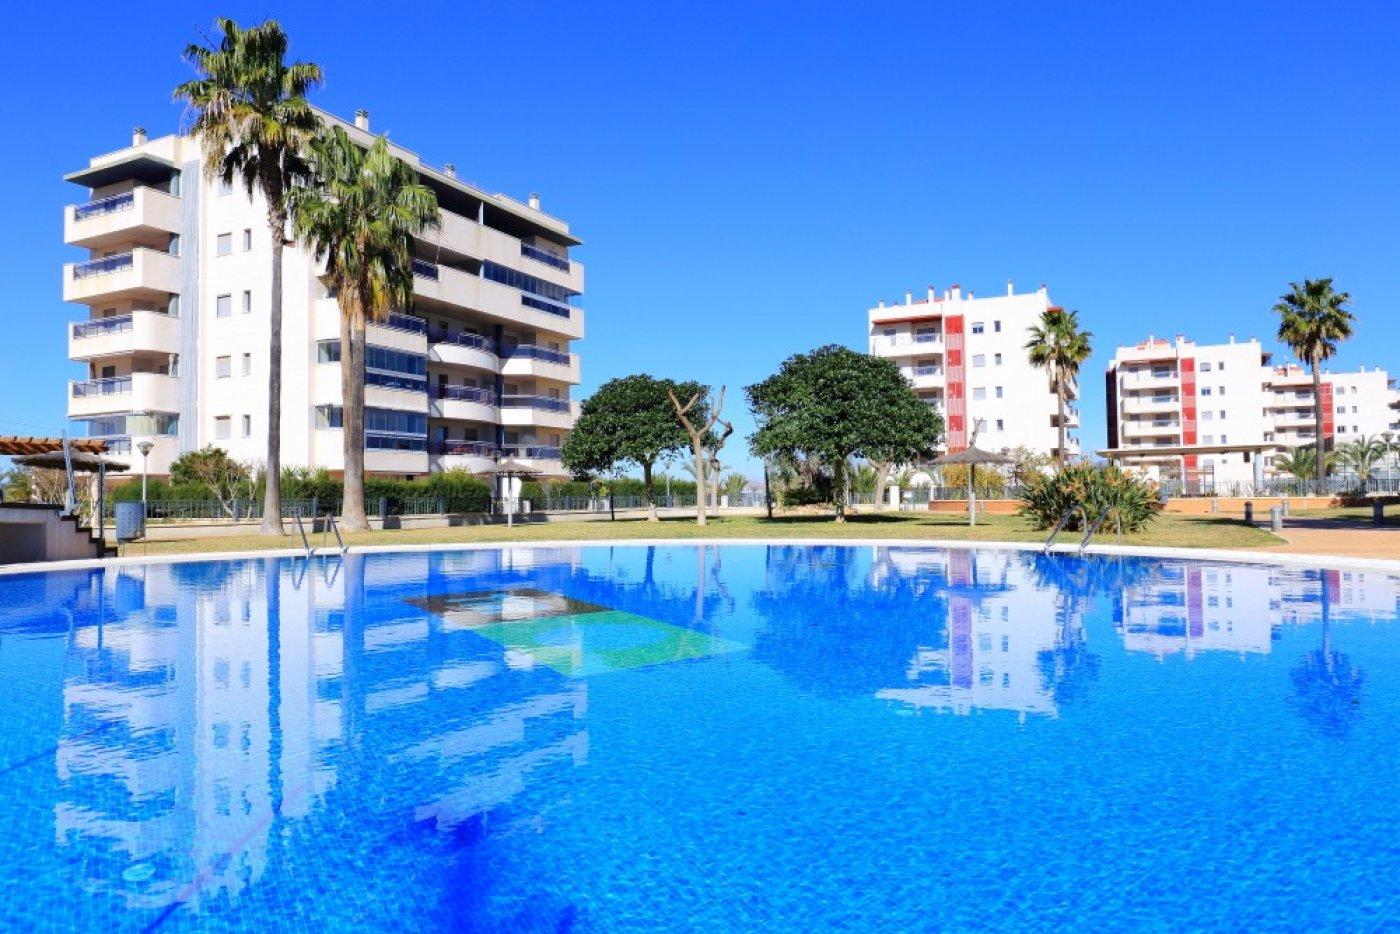 apartamento en arenales-del-sol ·  120000€